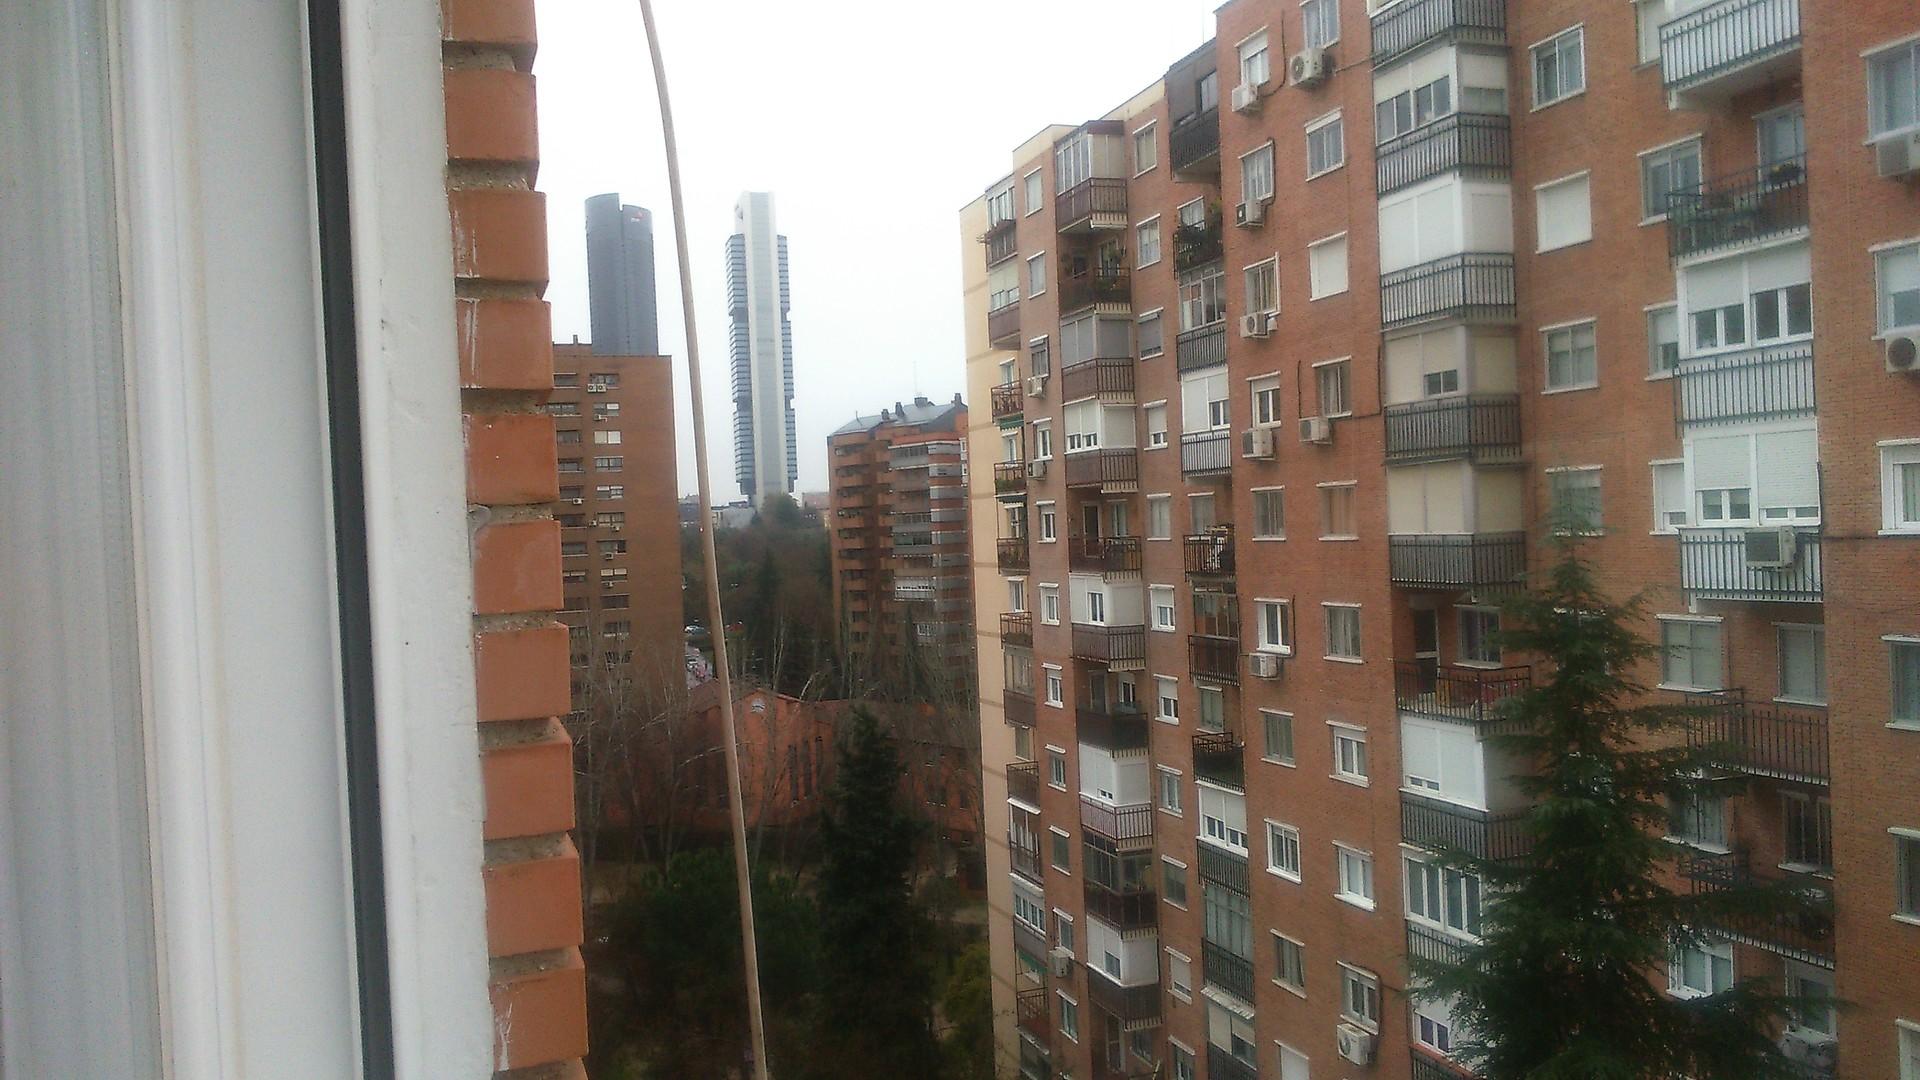 Habitacion en barrio del pilar soleada mucha luz - Pisos en alquiler barrio del pilar madrid ...